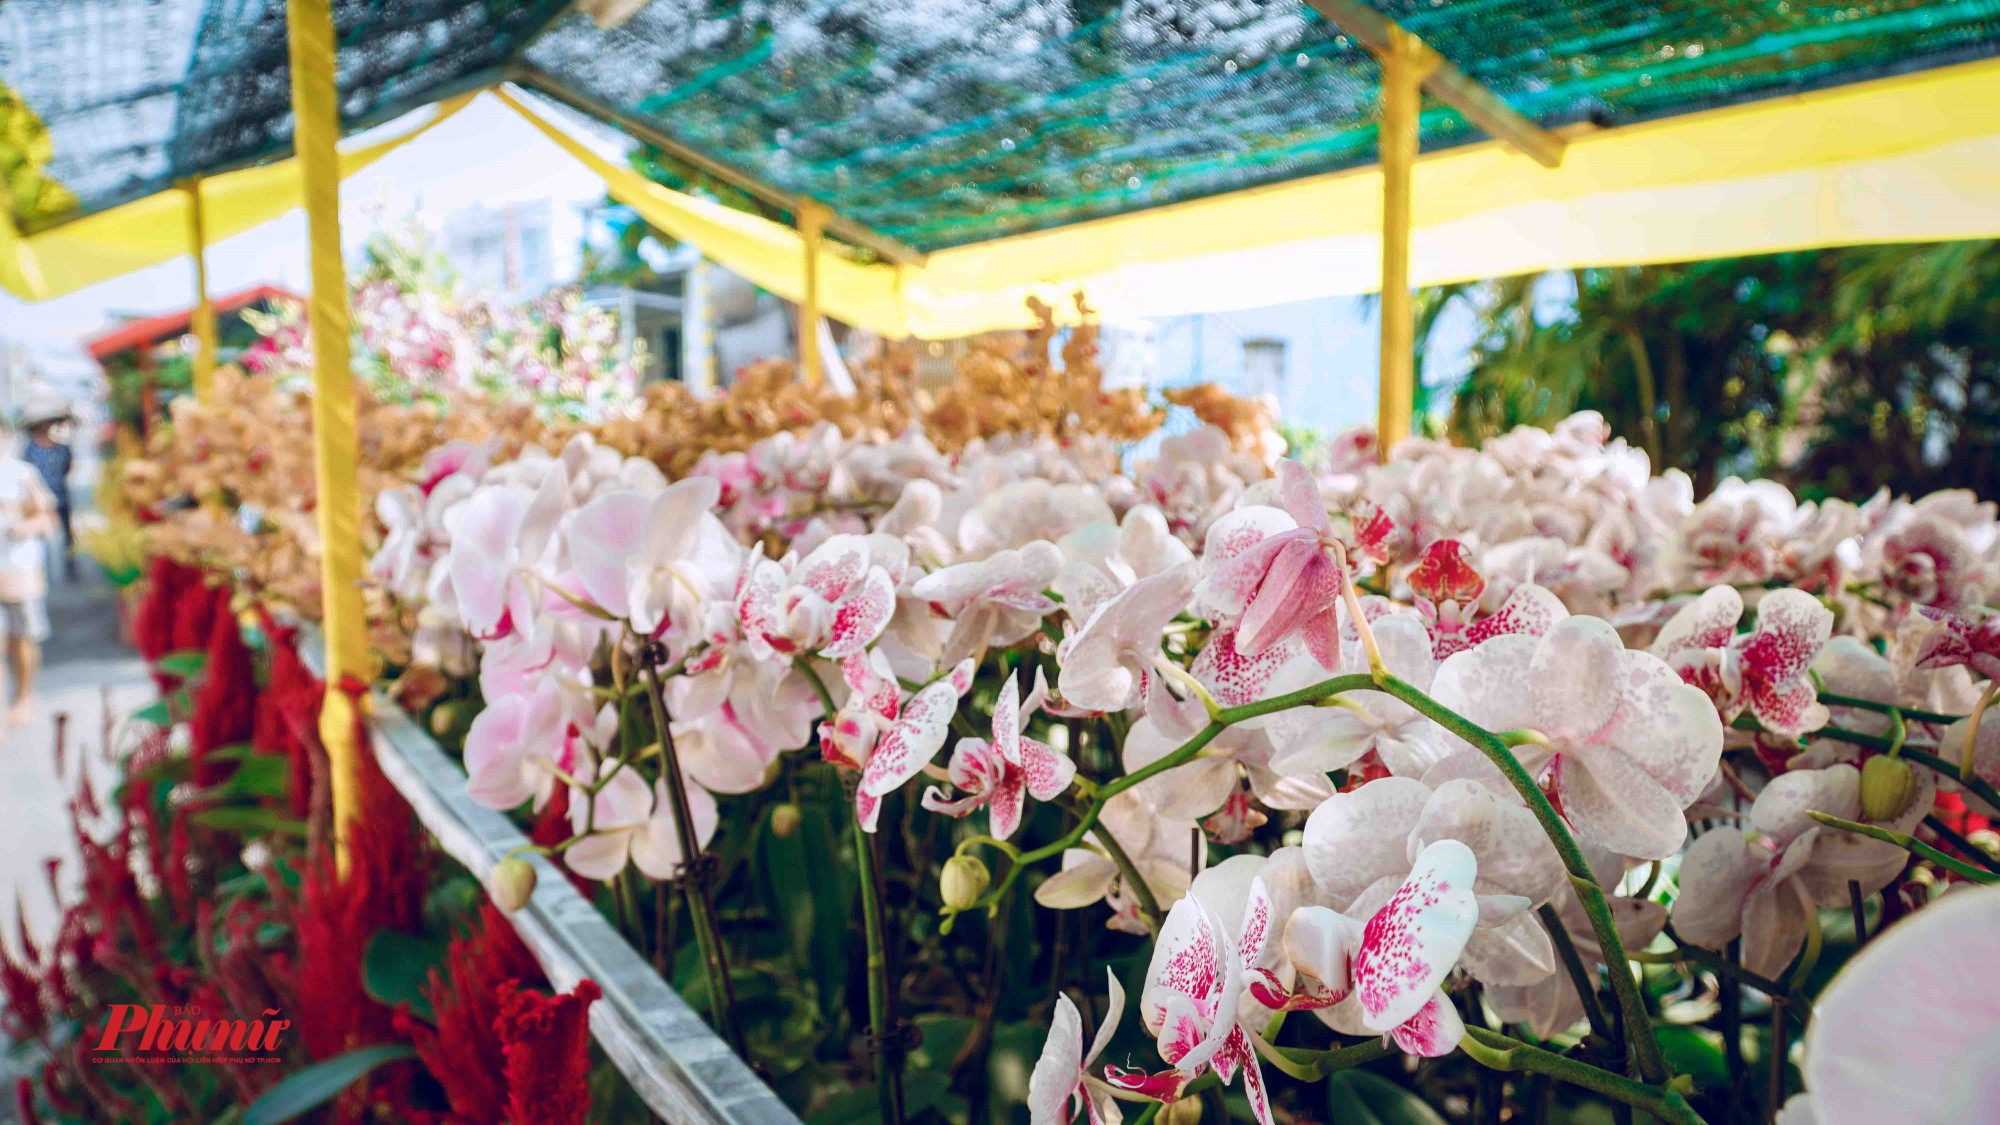 Đa dạng giống lan là điểm mạnh của kinh tế xã Phước Lại trong những năm gần đây